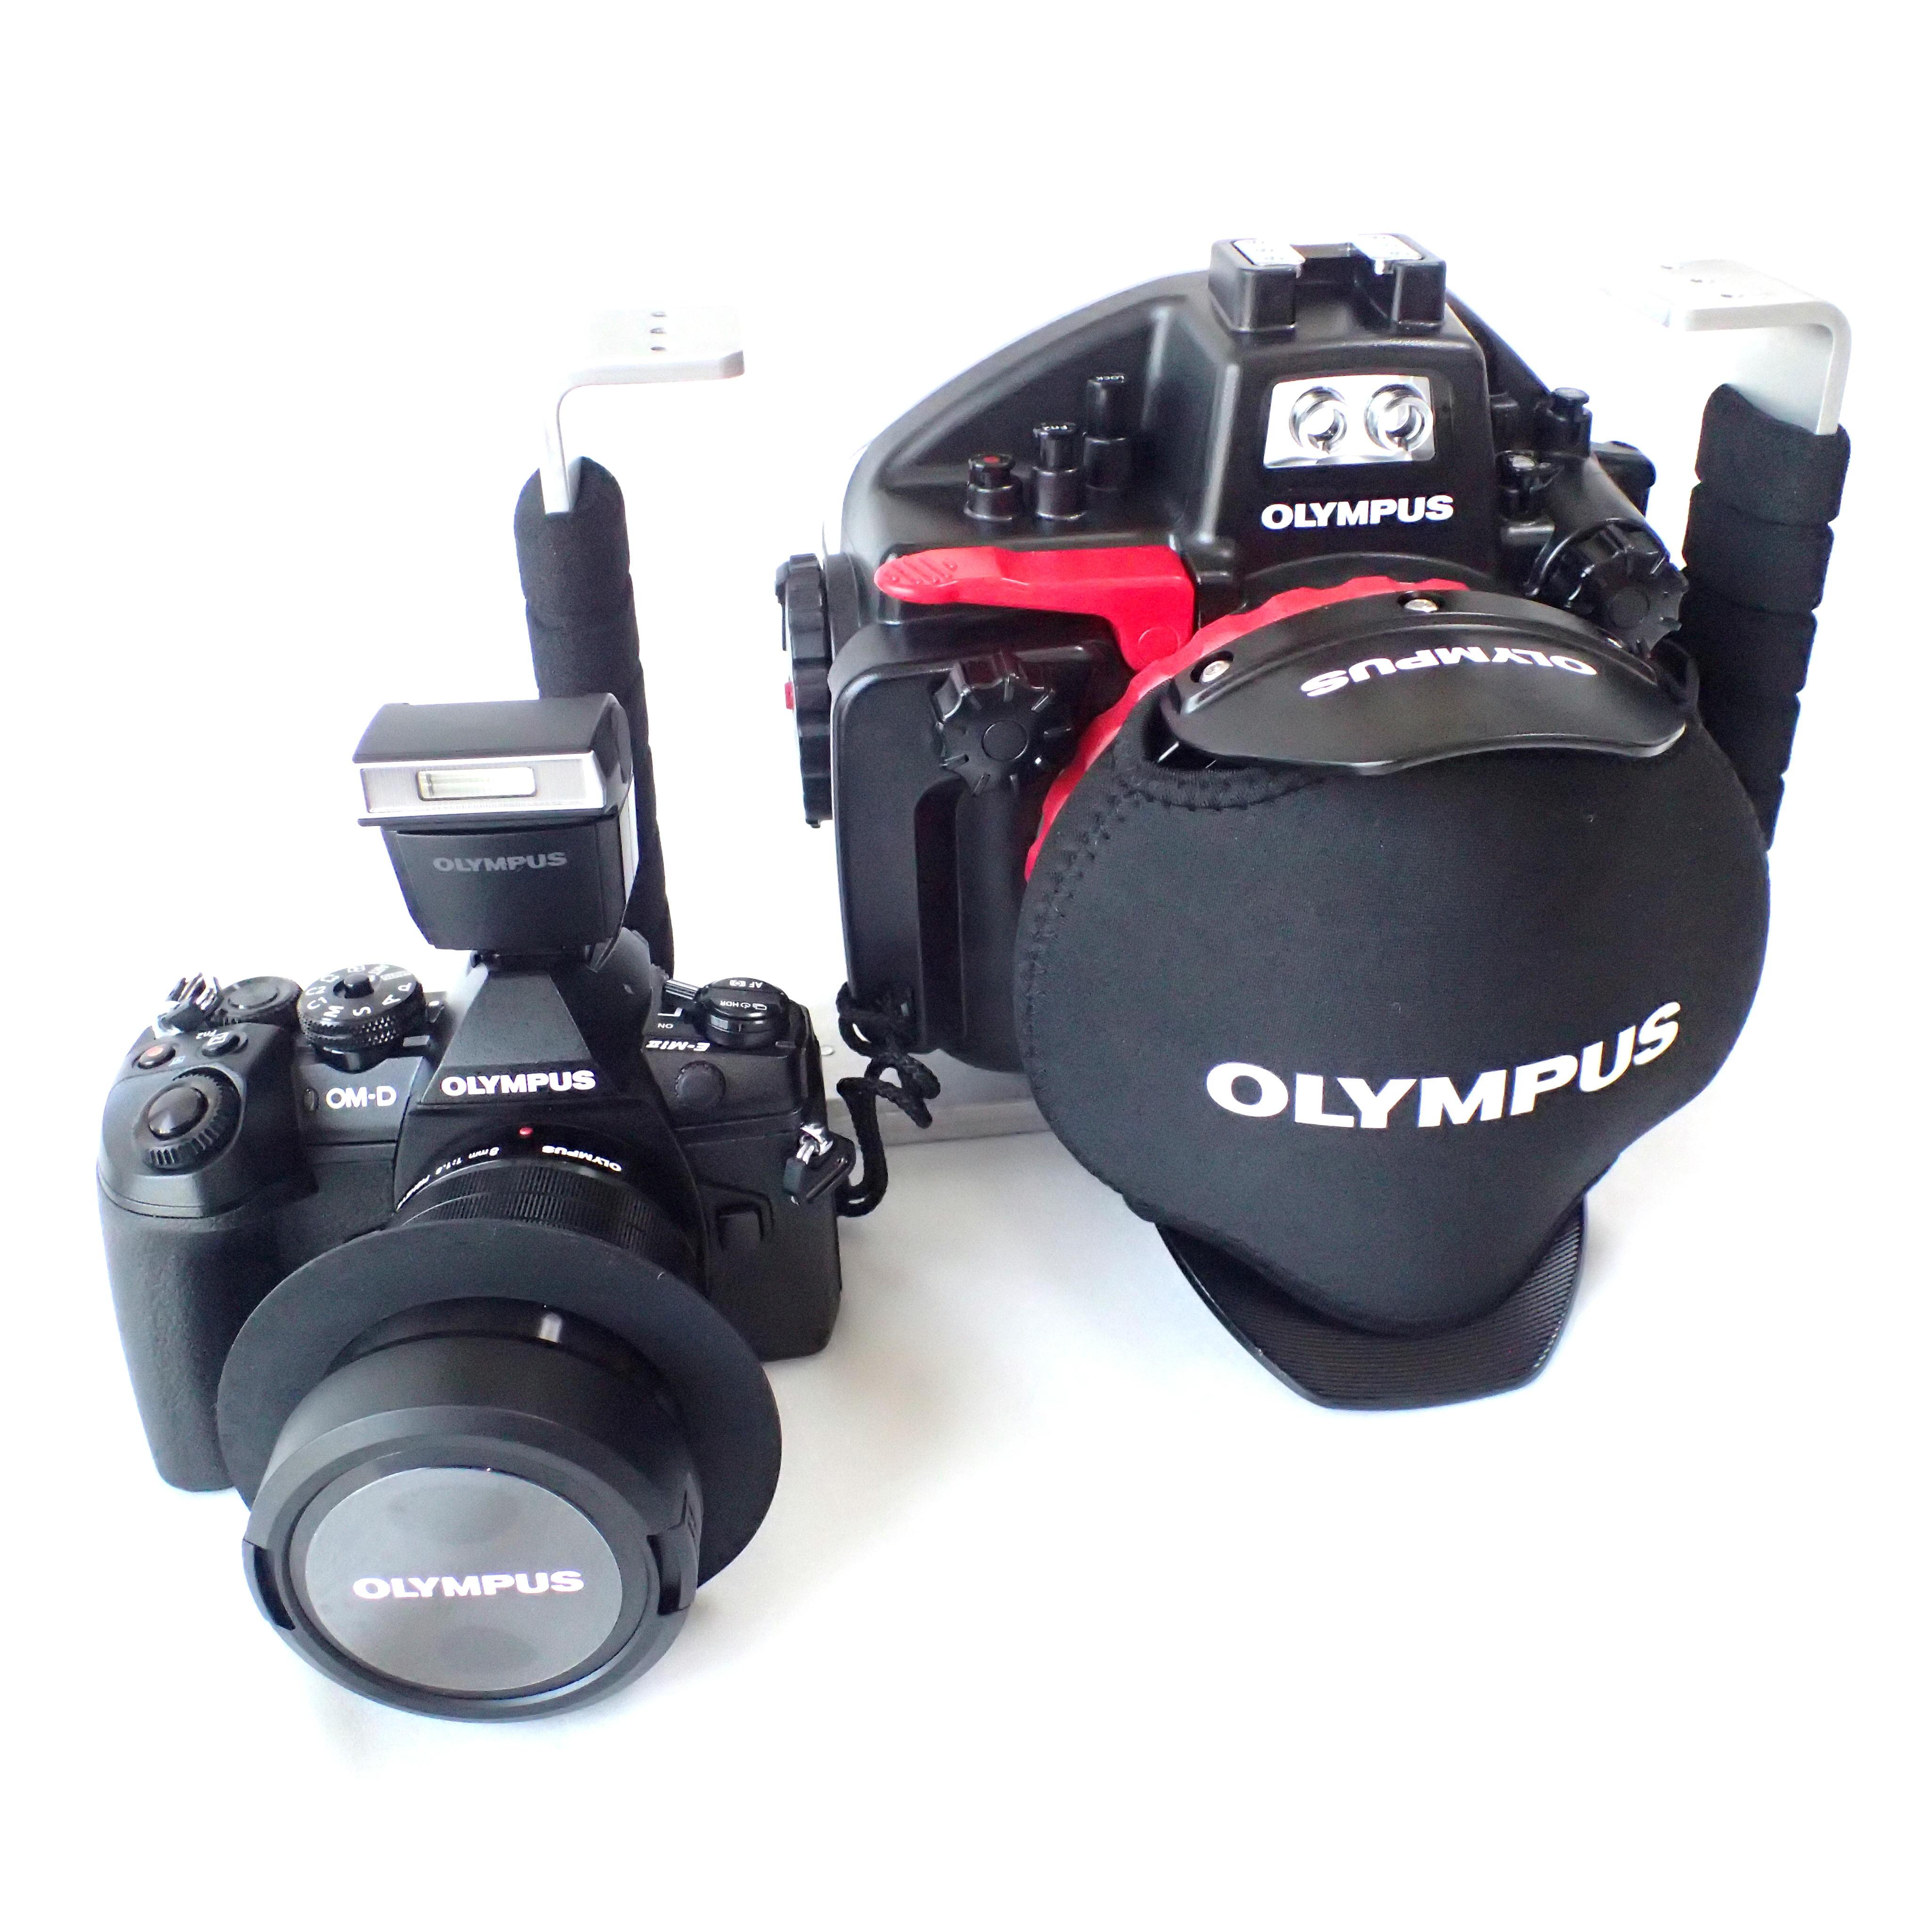 オリンパス水中カメラ機材紹介